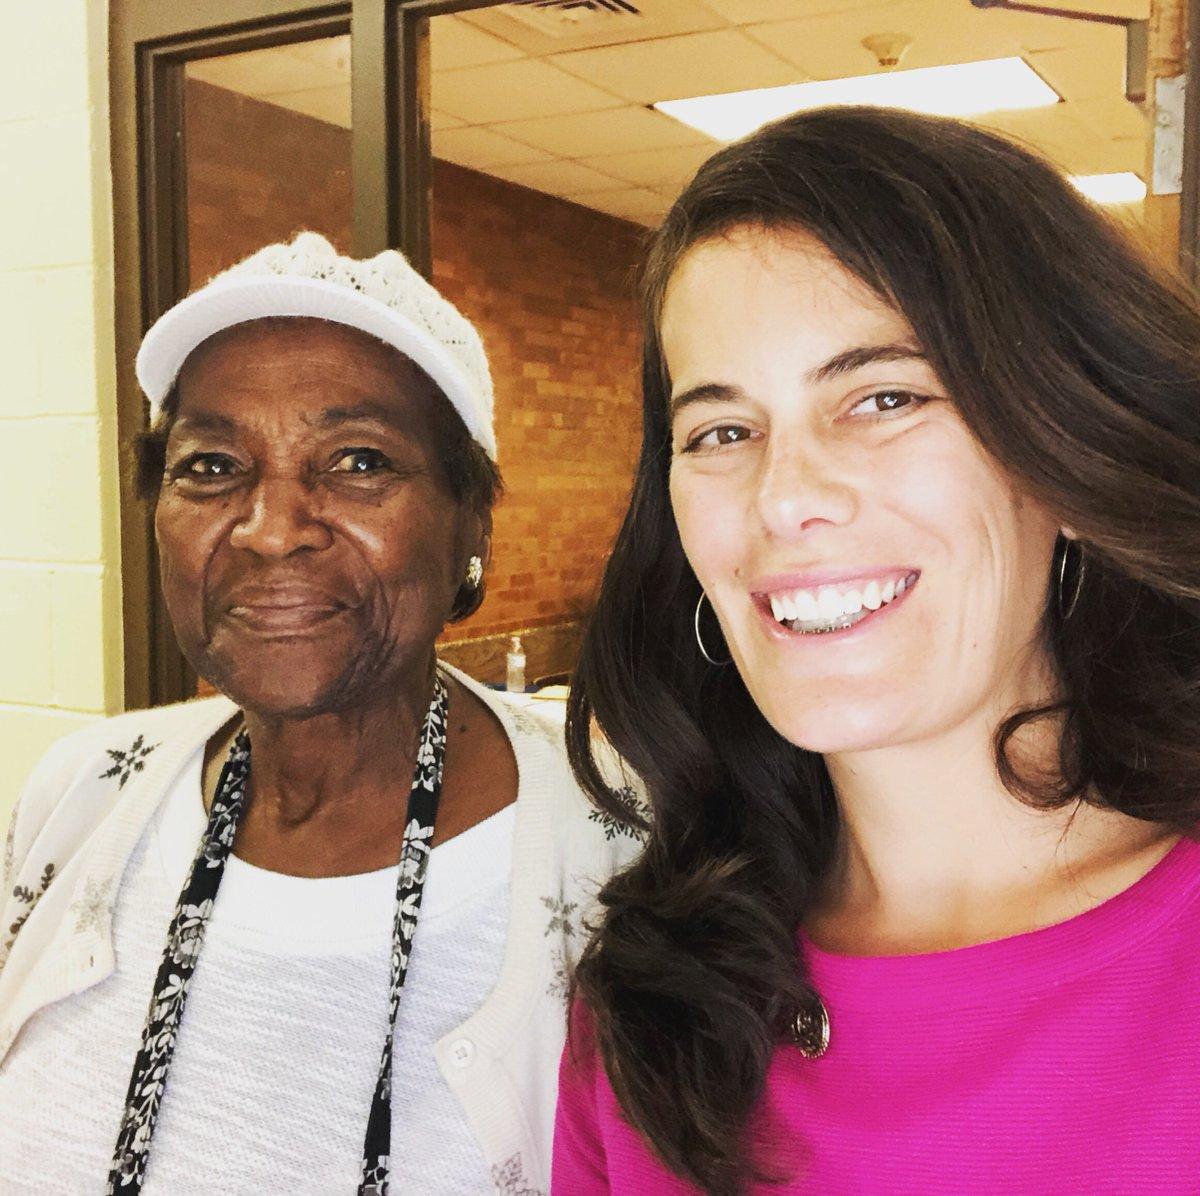 Good morning from South Philadelphia Older Adult Center! ☀️